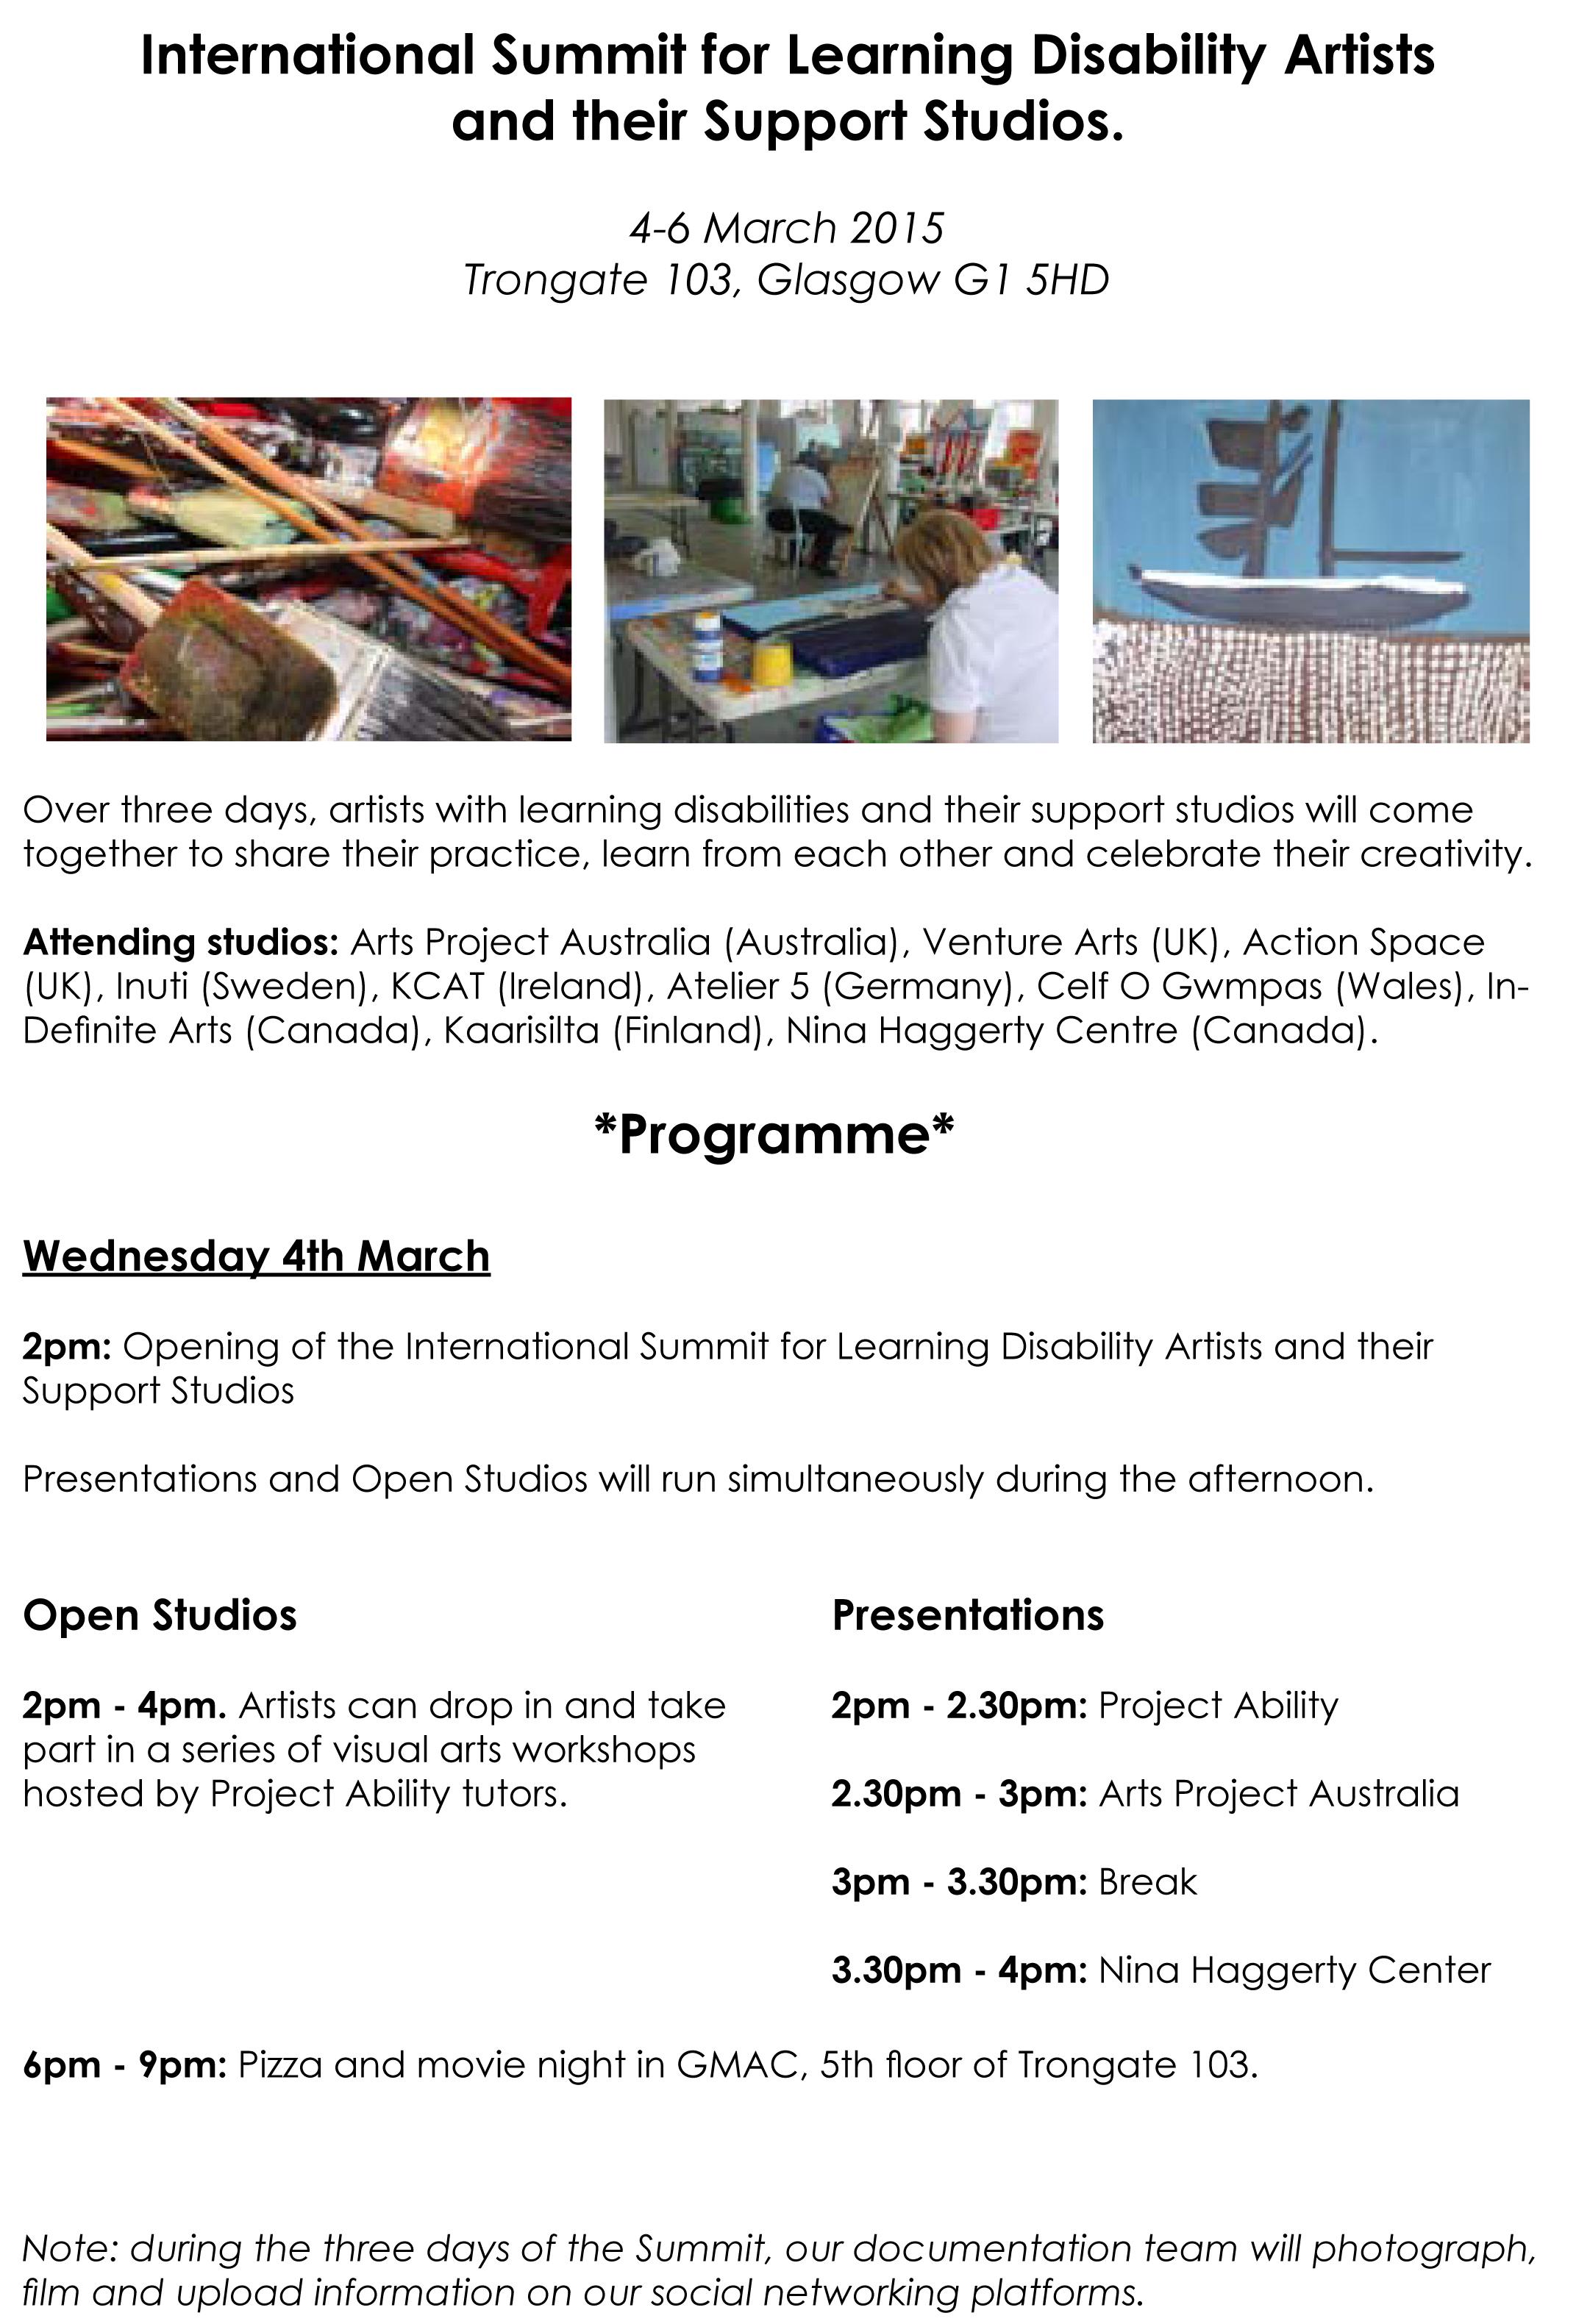 The Summit - Programme